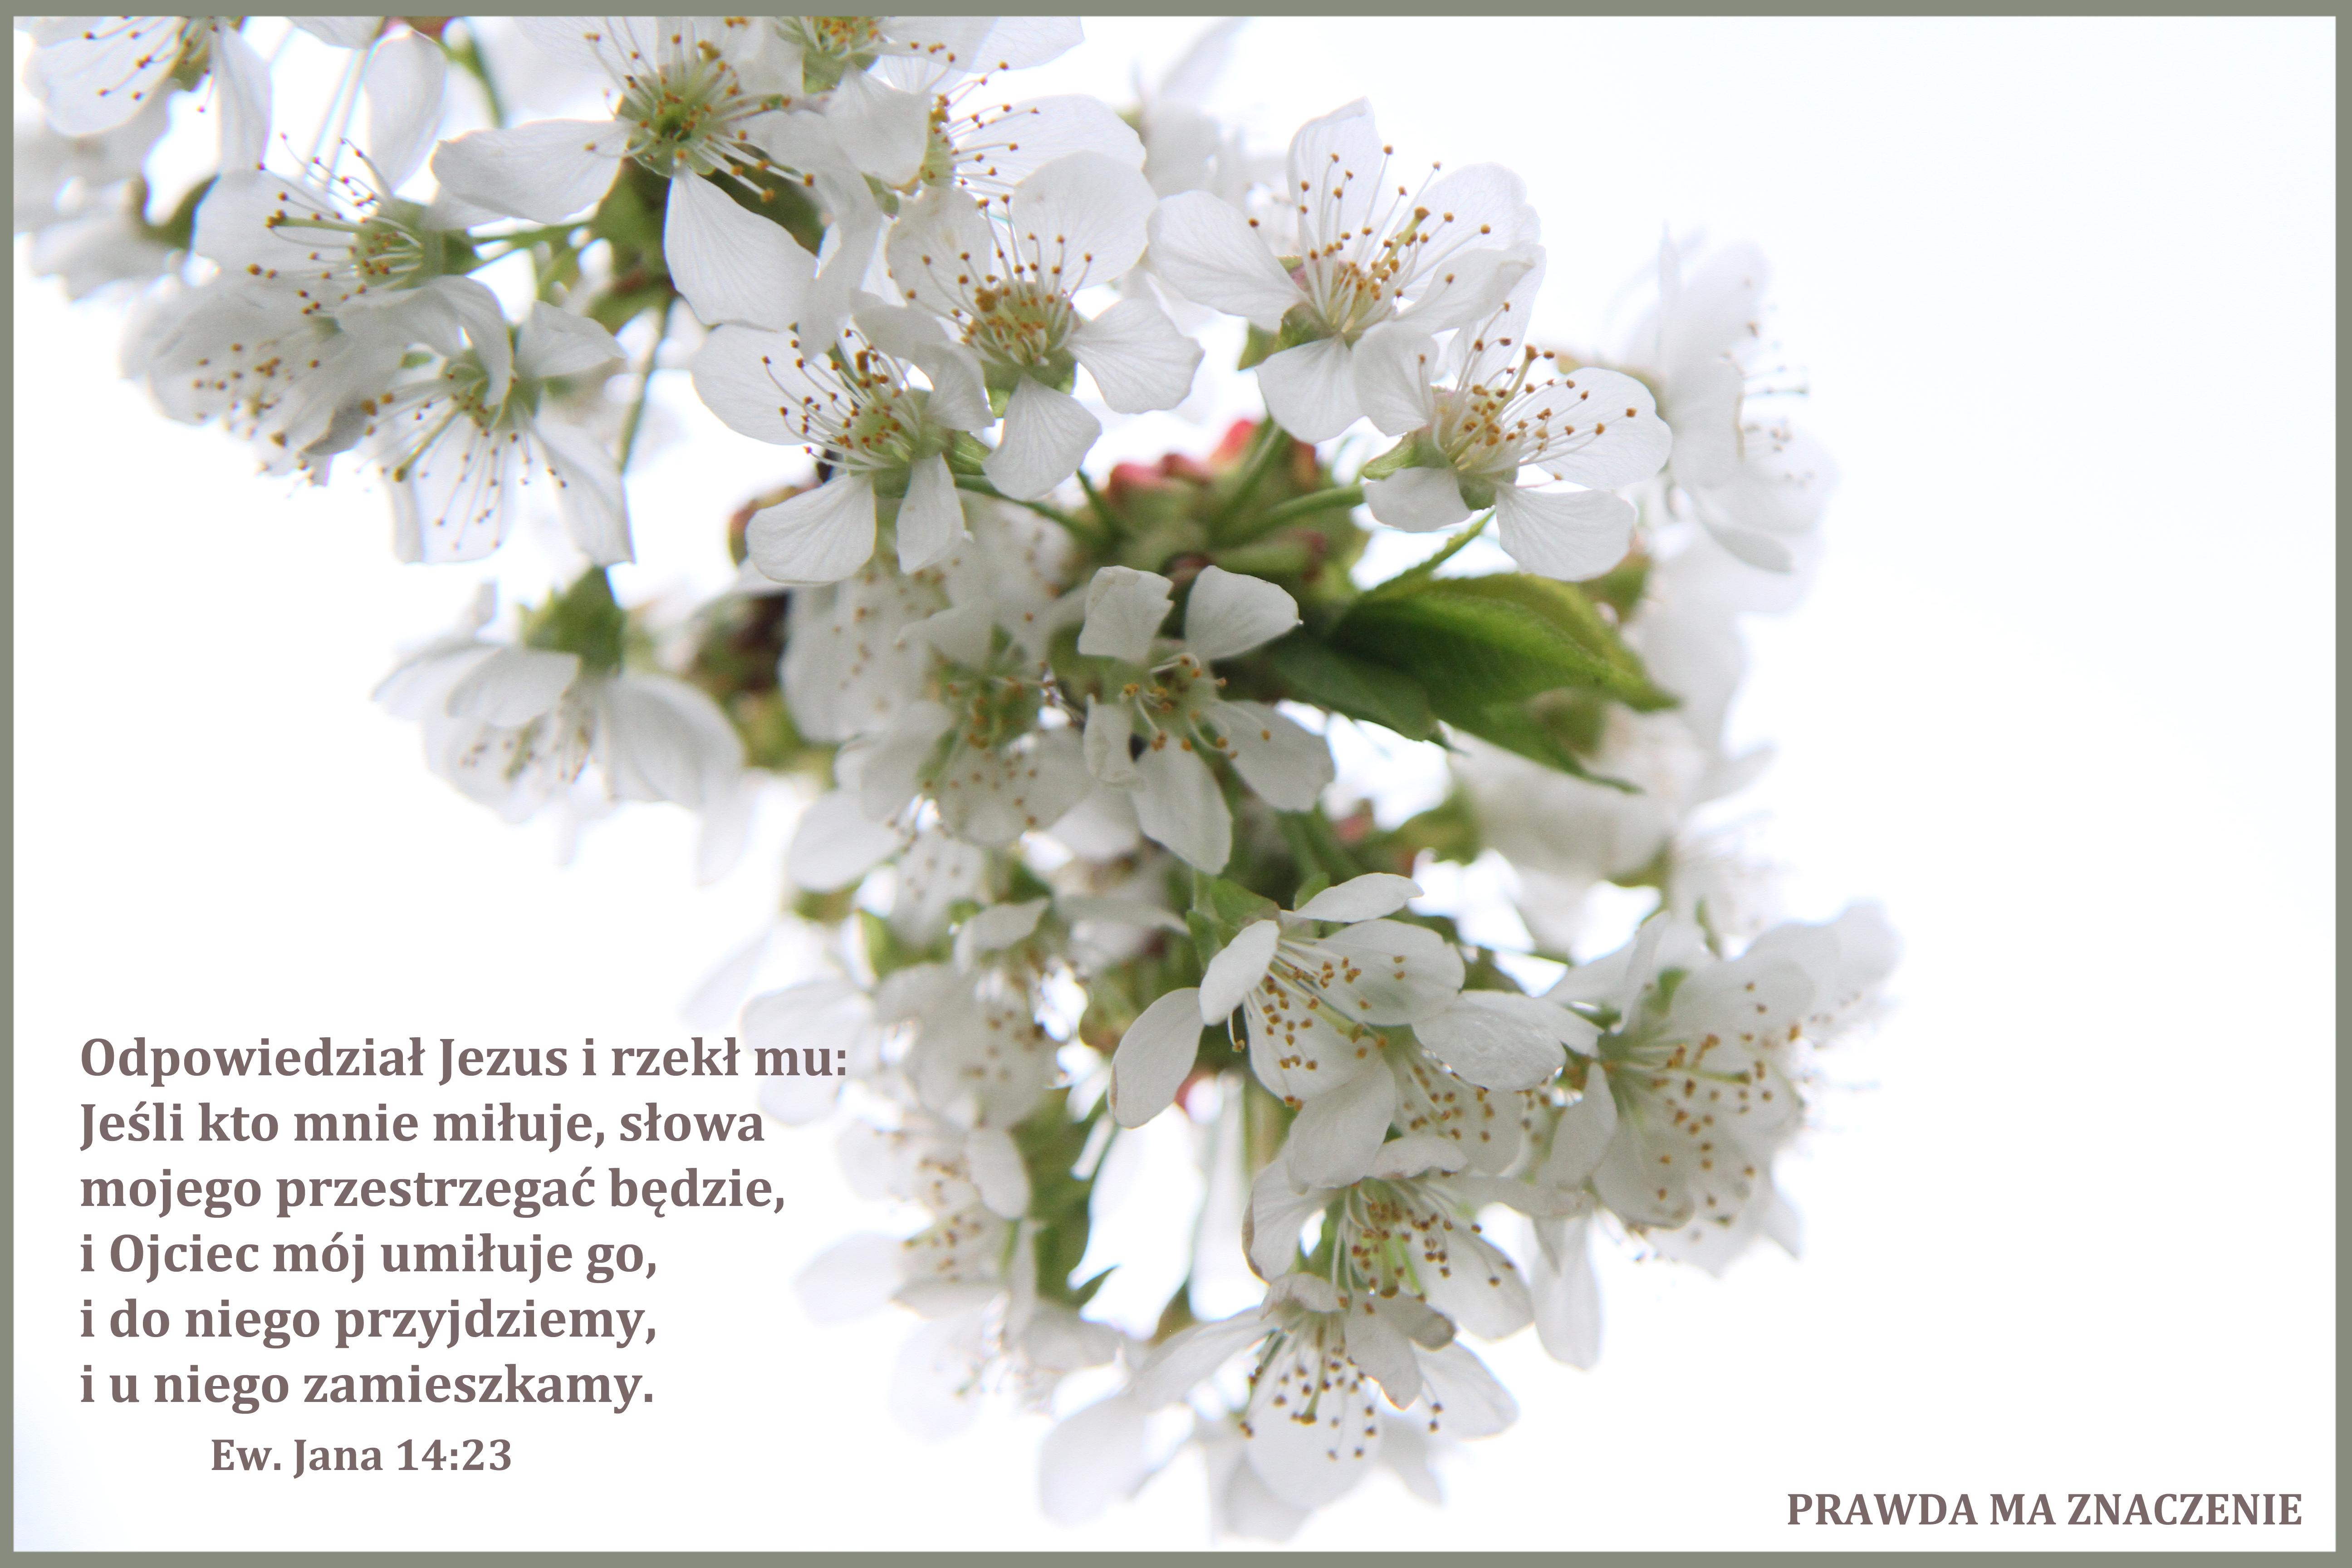 Jan 14: 23